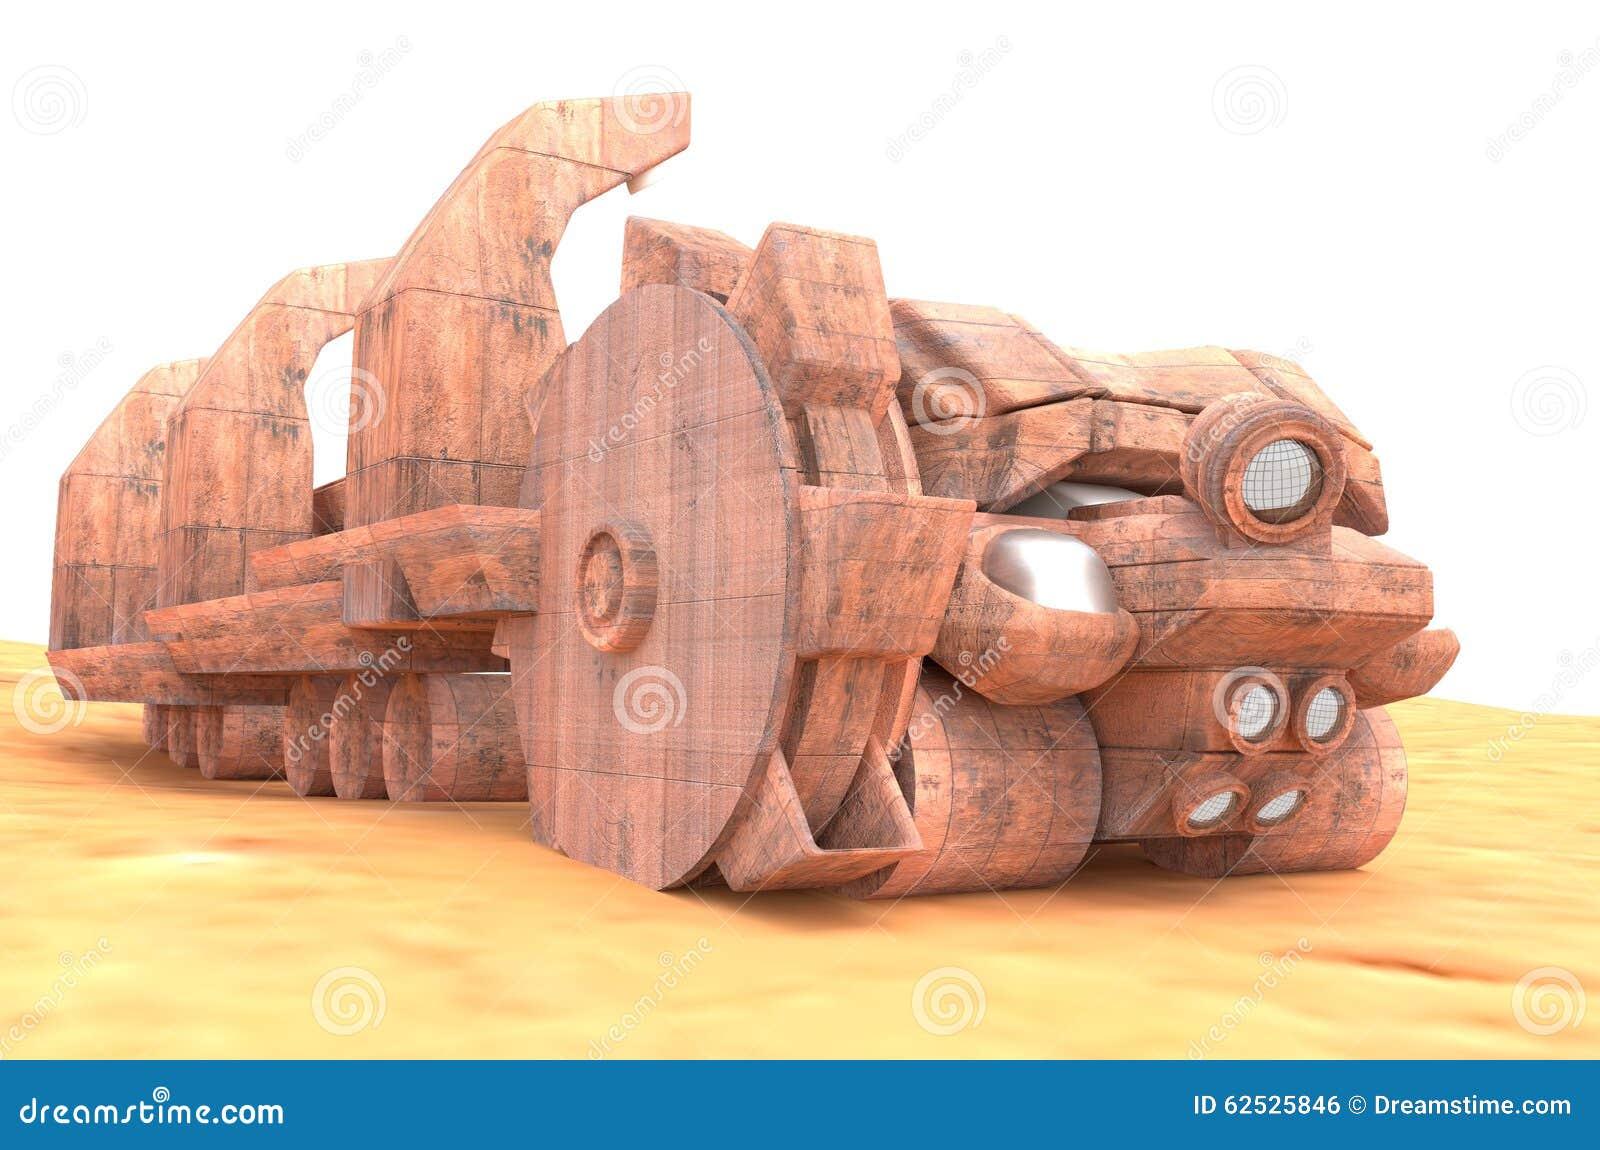 火星特别桶轮子挖掘机